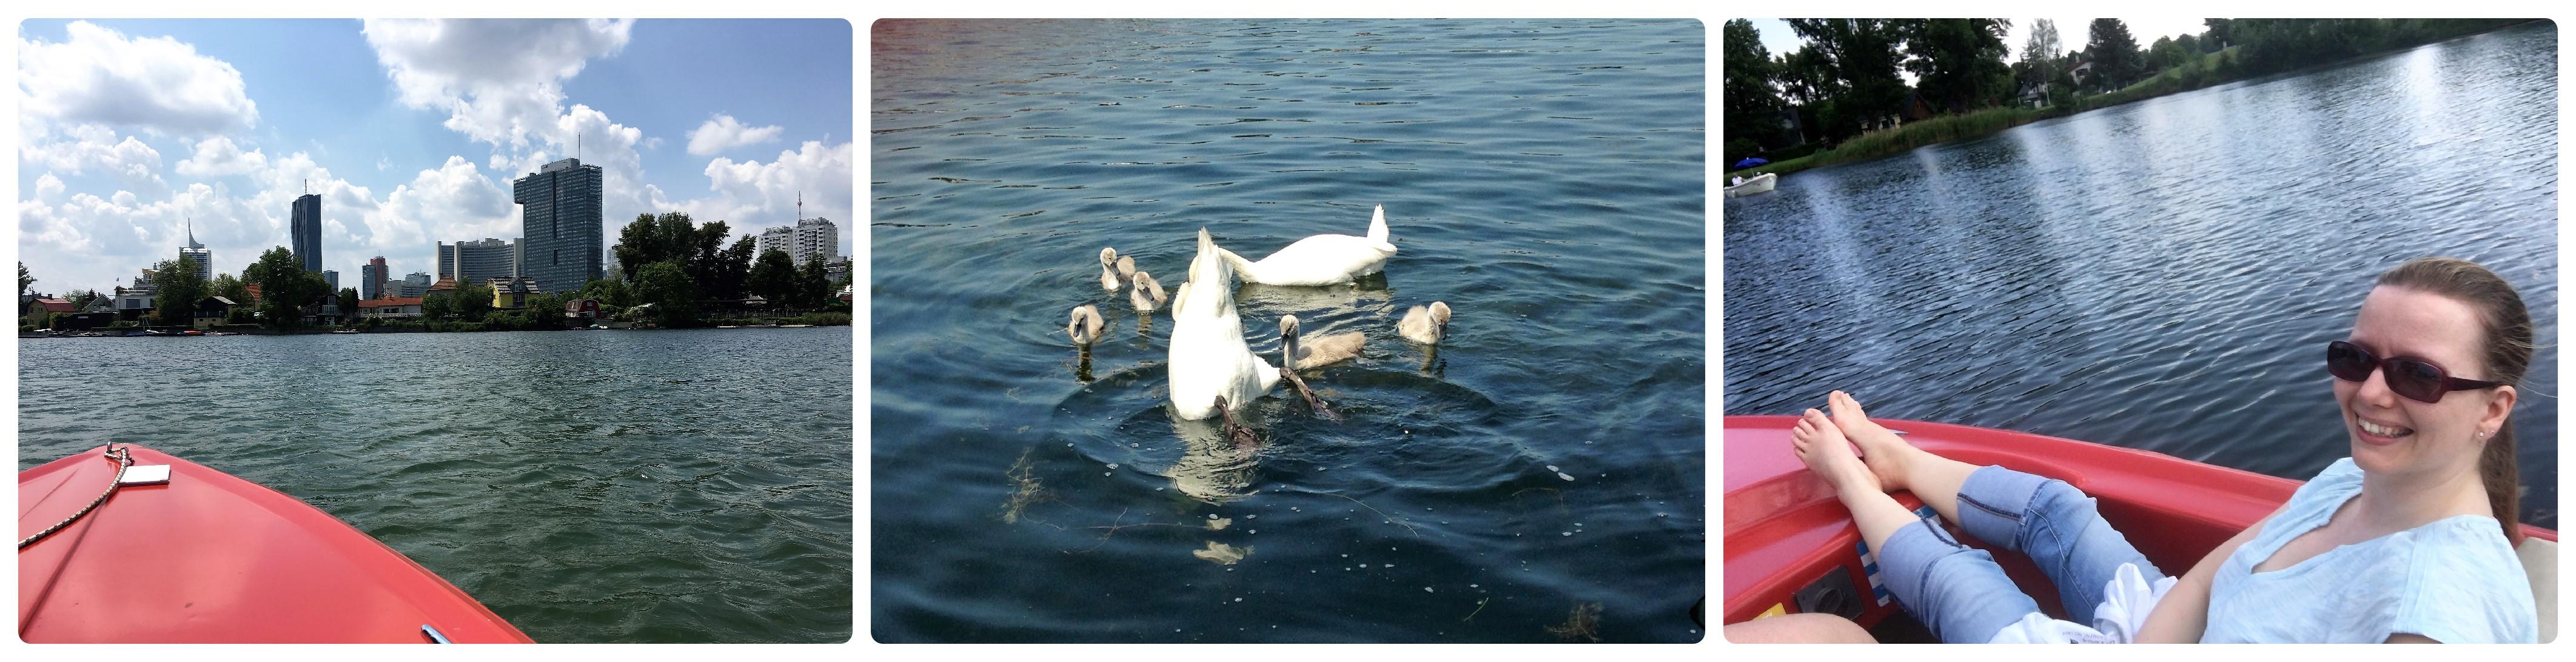 Entspannen auf der Alten Donau